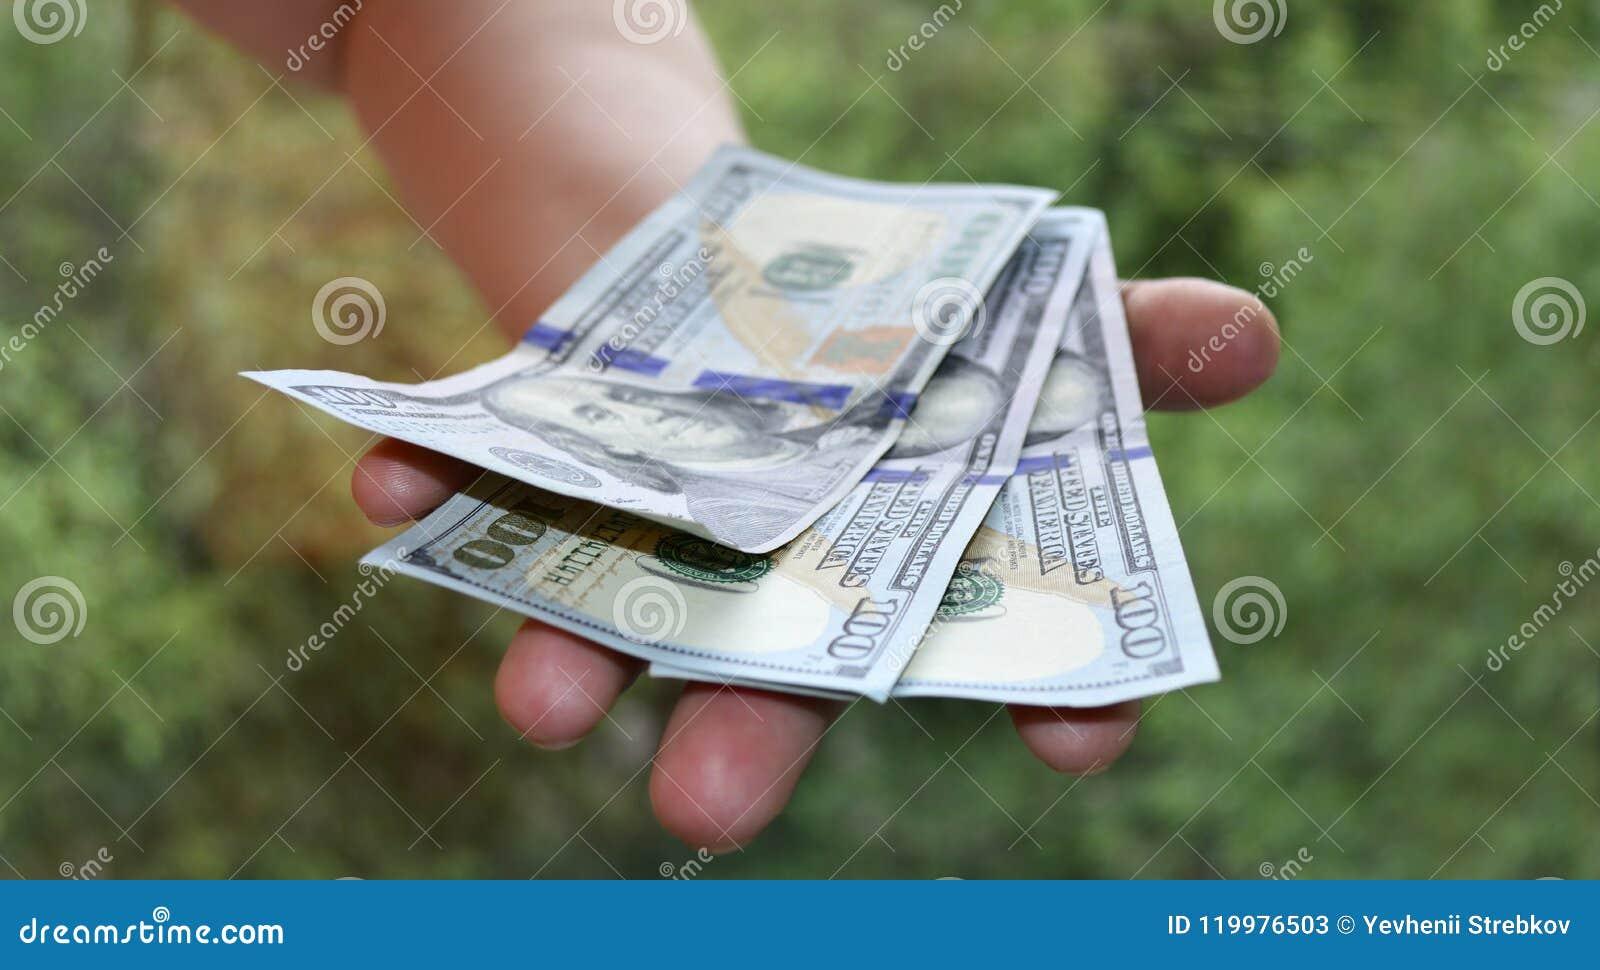 Het contante geld neemt ter beschikking van nota